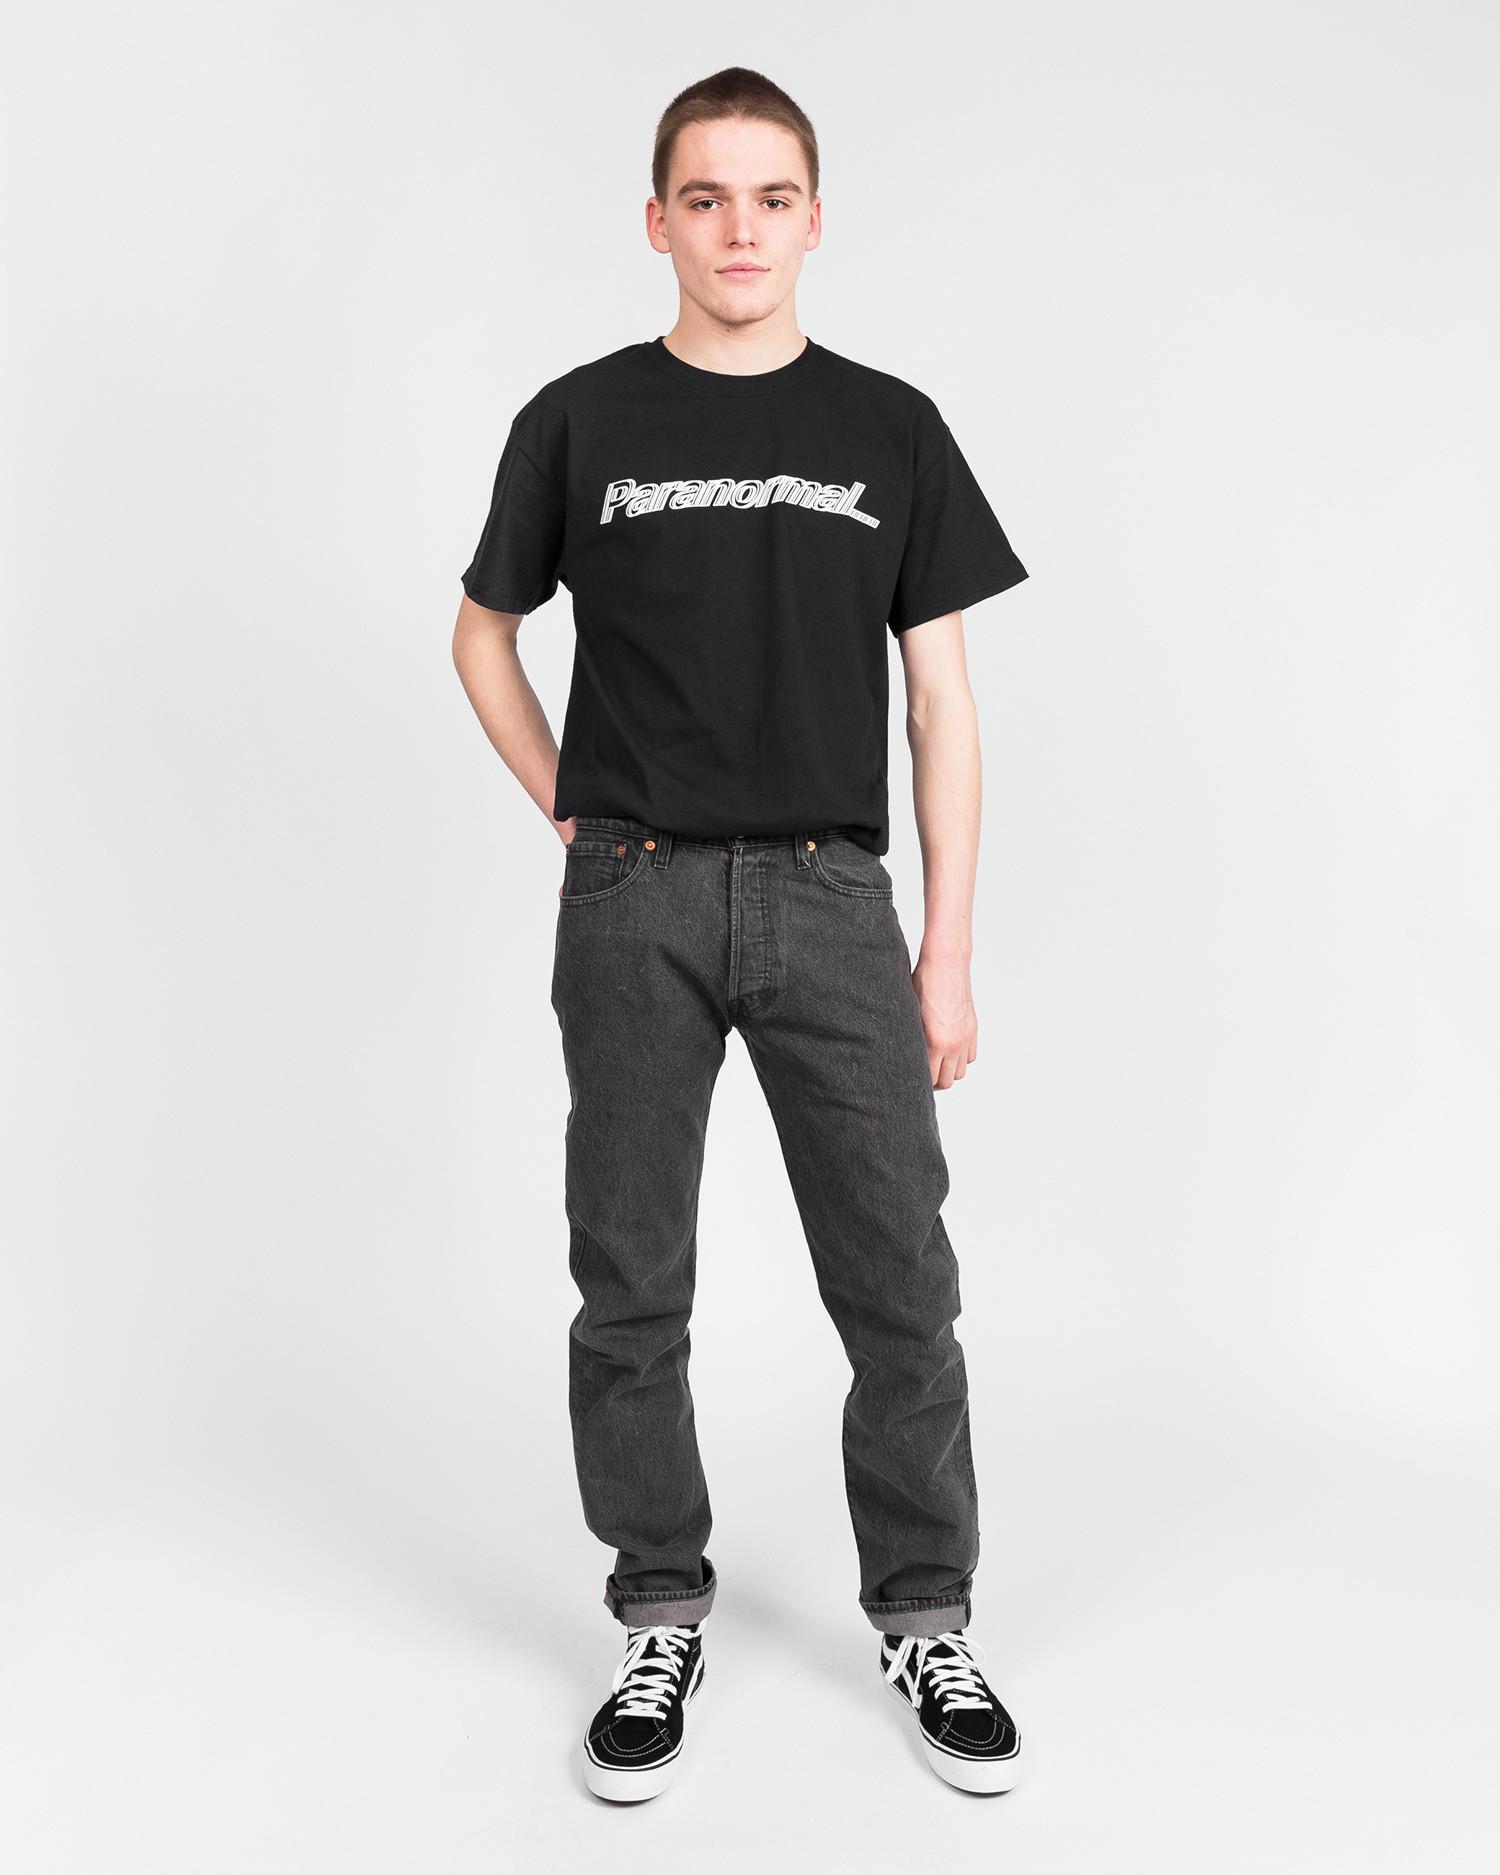 Levi's Skate Denim 501 Pants SE STF Coyote